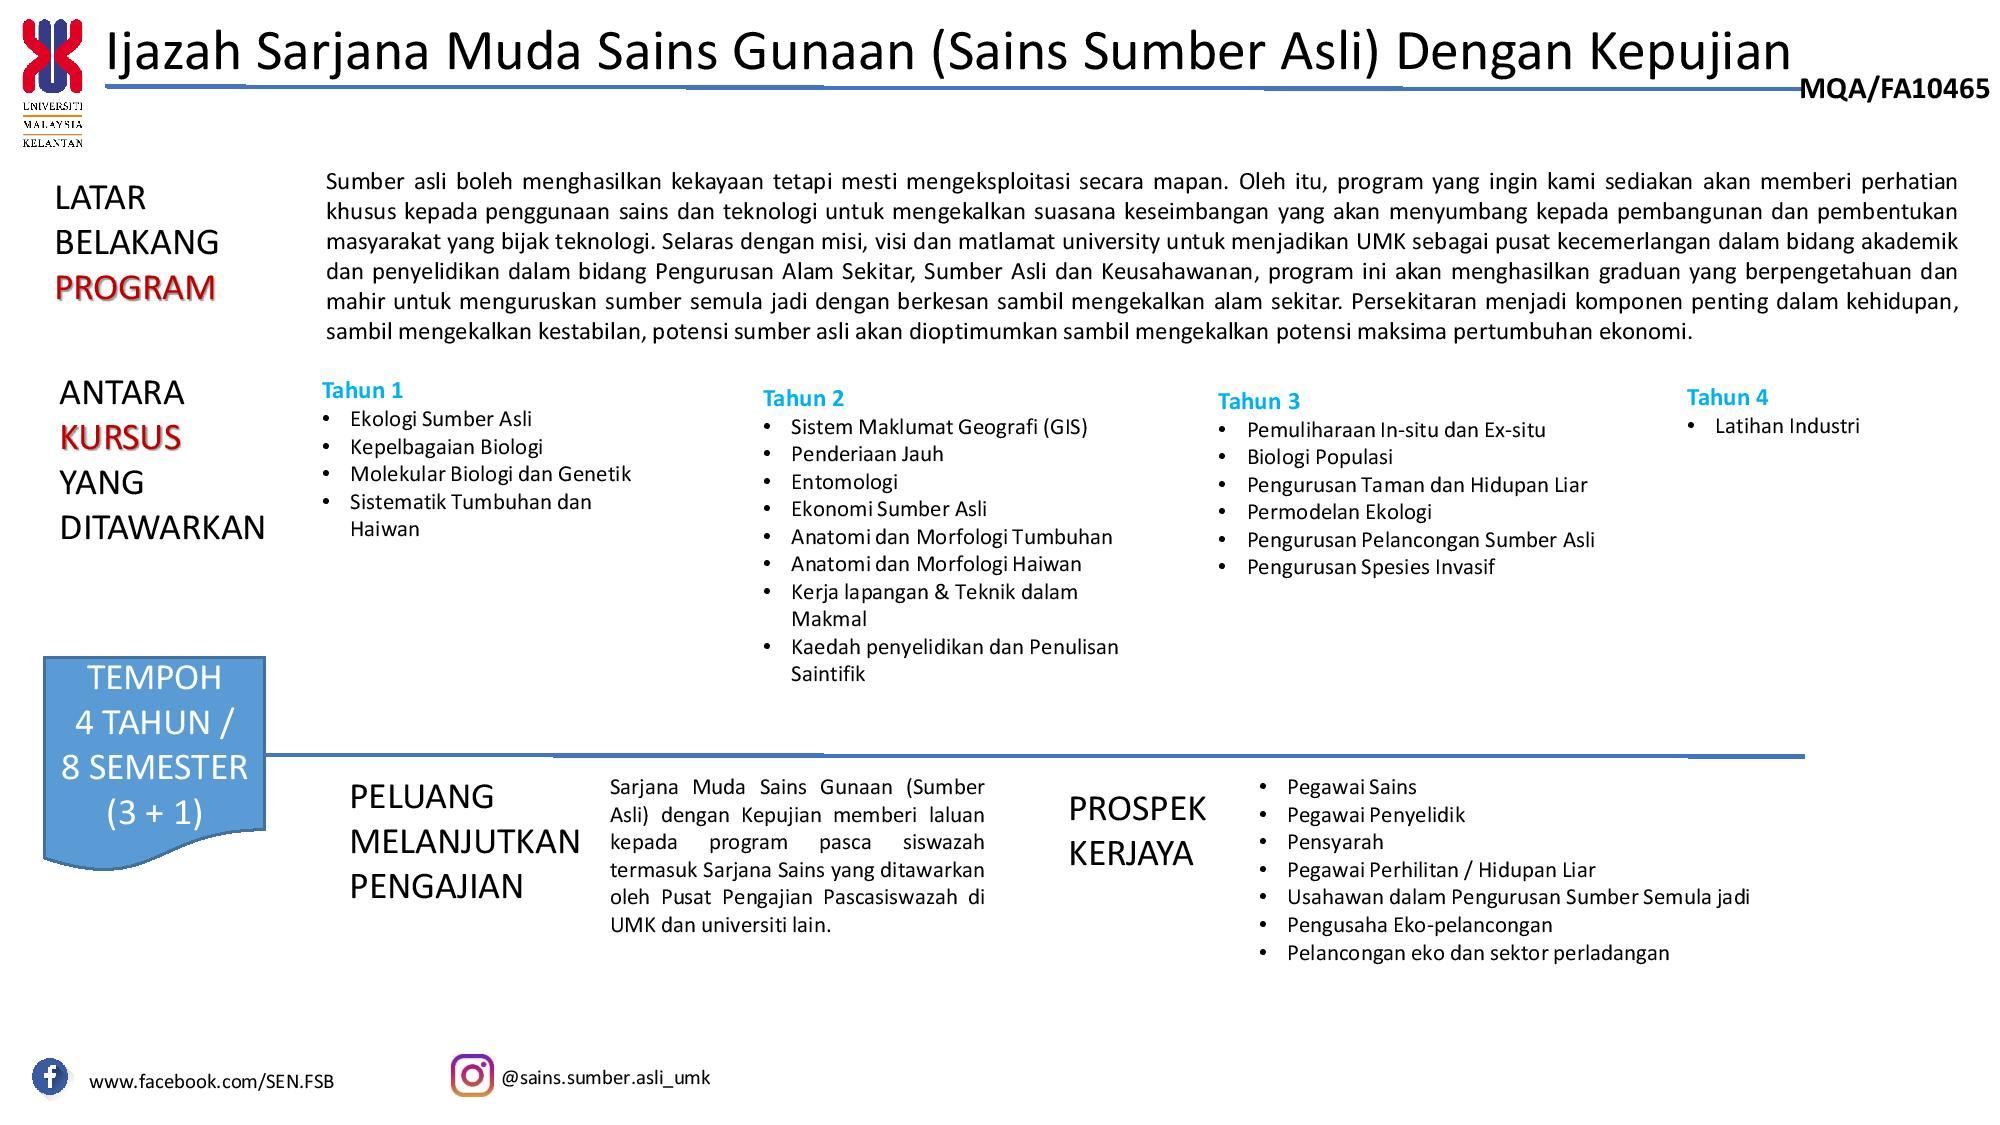 Ijazah Sarjana Muda Sains Gunaan Sains Sumber Asli Dengan Kepujian Faculty Of Earth Science Universiti Malaysia Kelantan